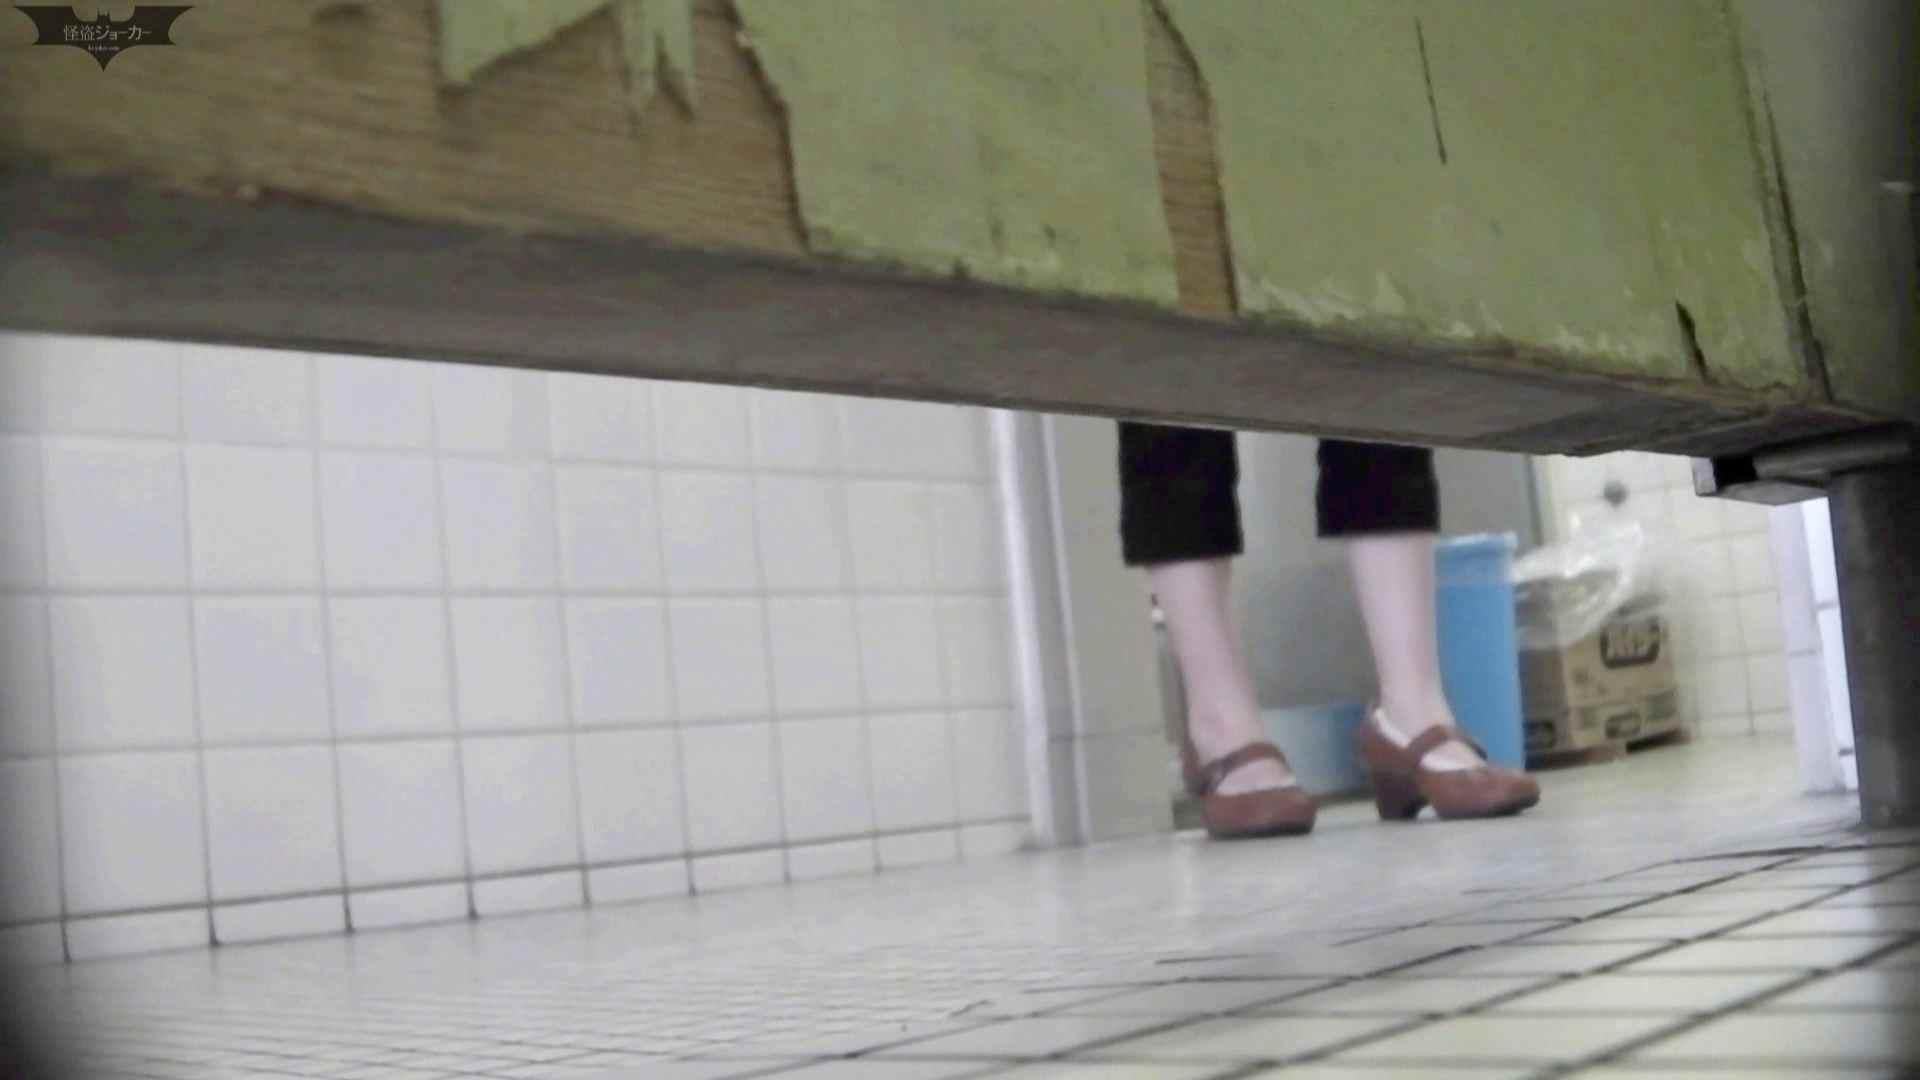 洗面所特攻隊 vol.71「vol.66 最後の女性」が【2015・27位】 高画質 セックス画像 113画像 11